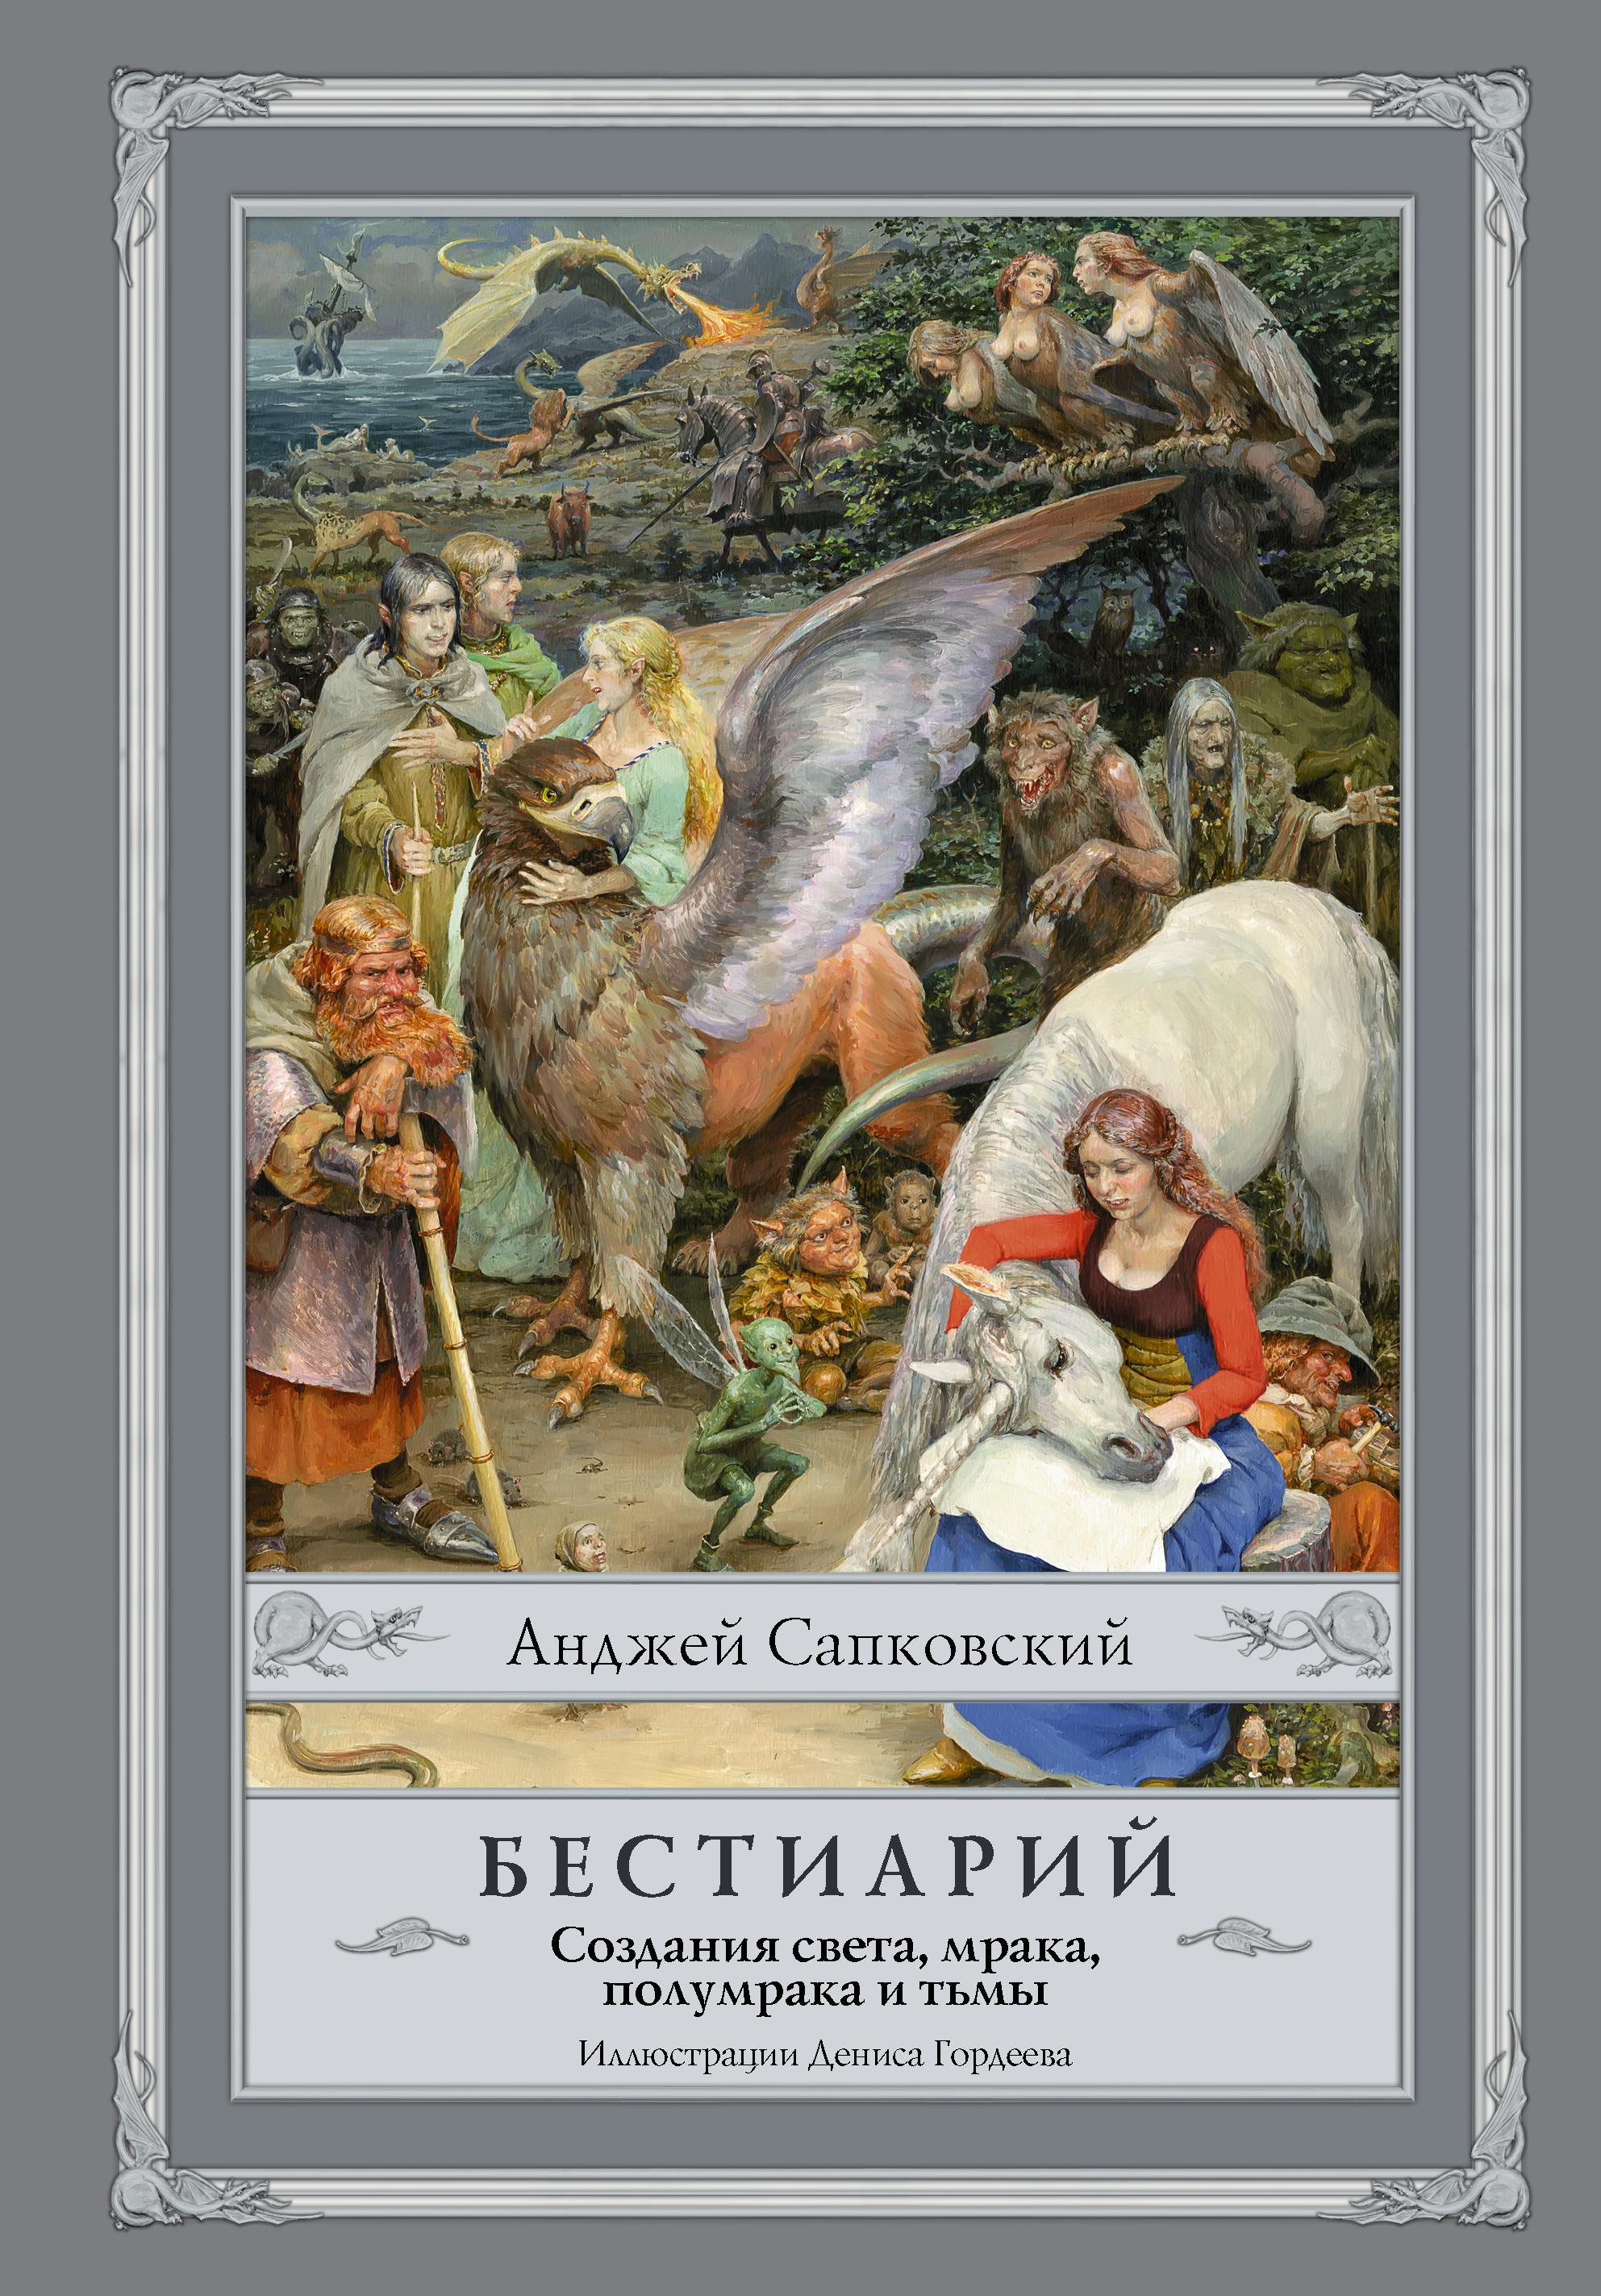 Книга на русском языке «Бестиарий: Создания света, мрака, полумрака и тьмы»